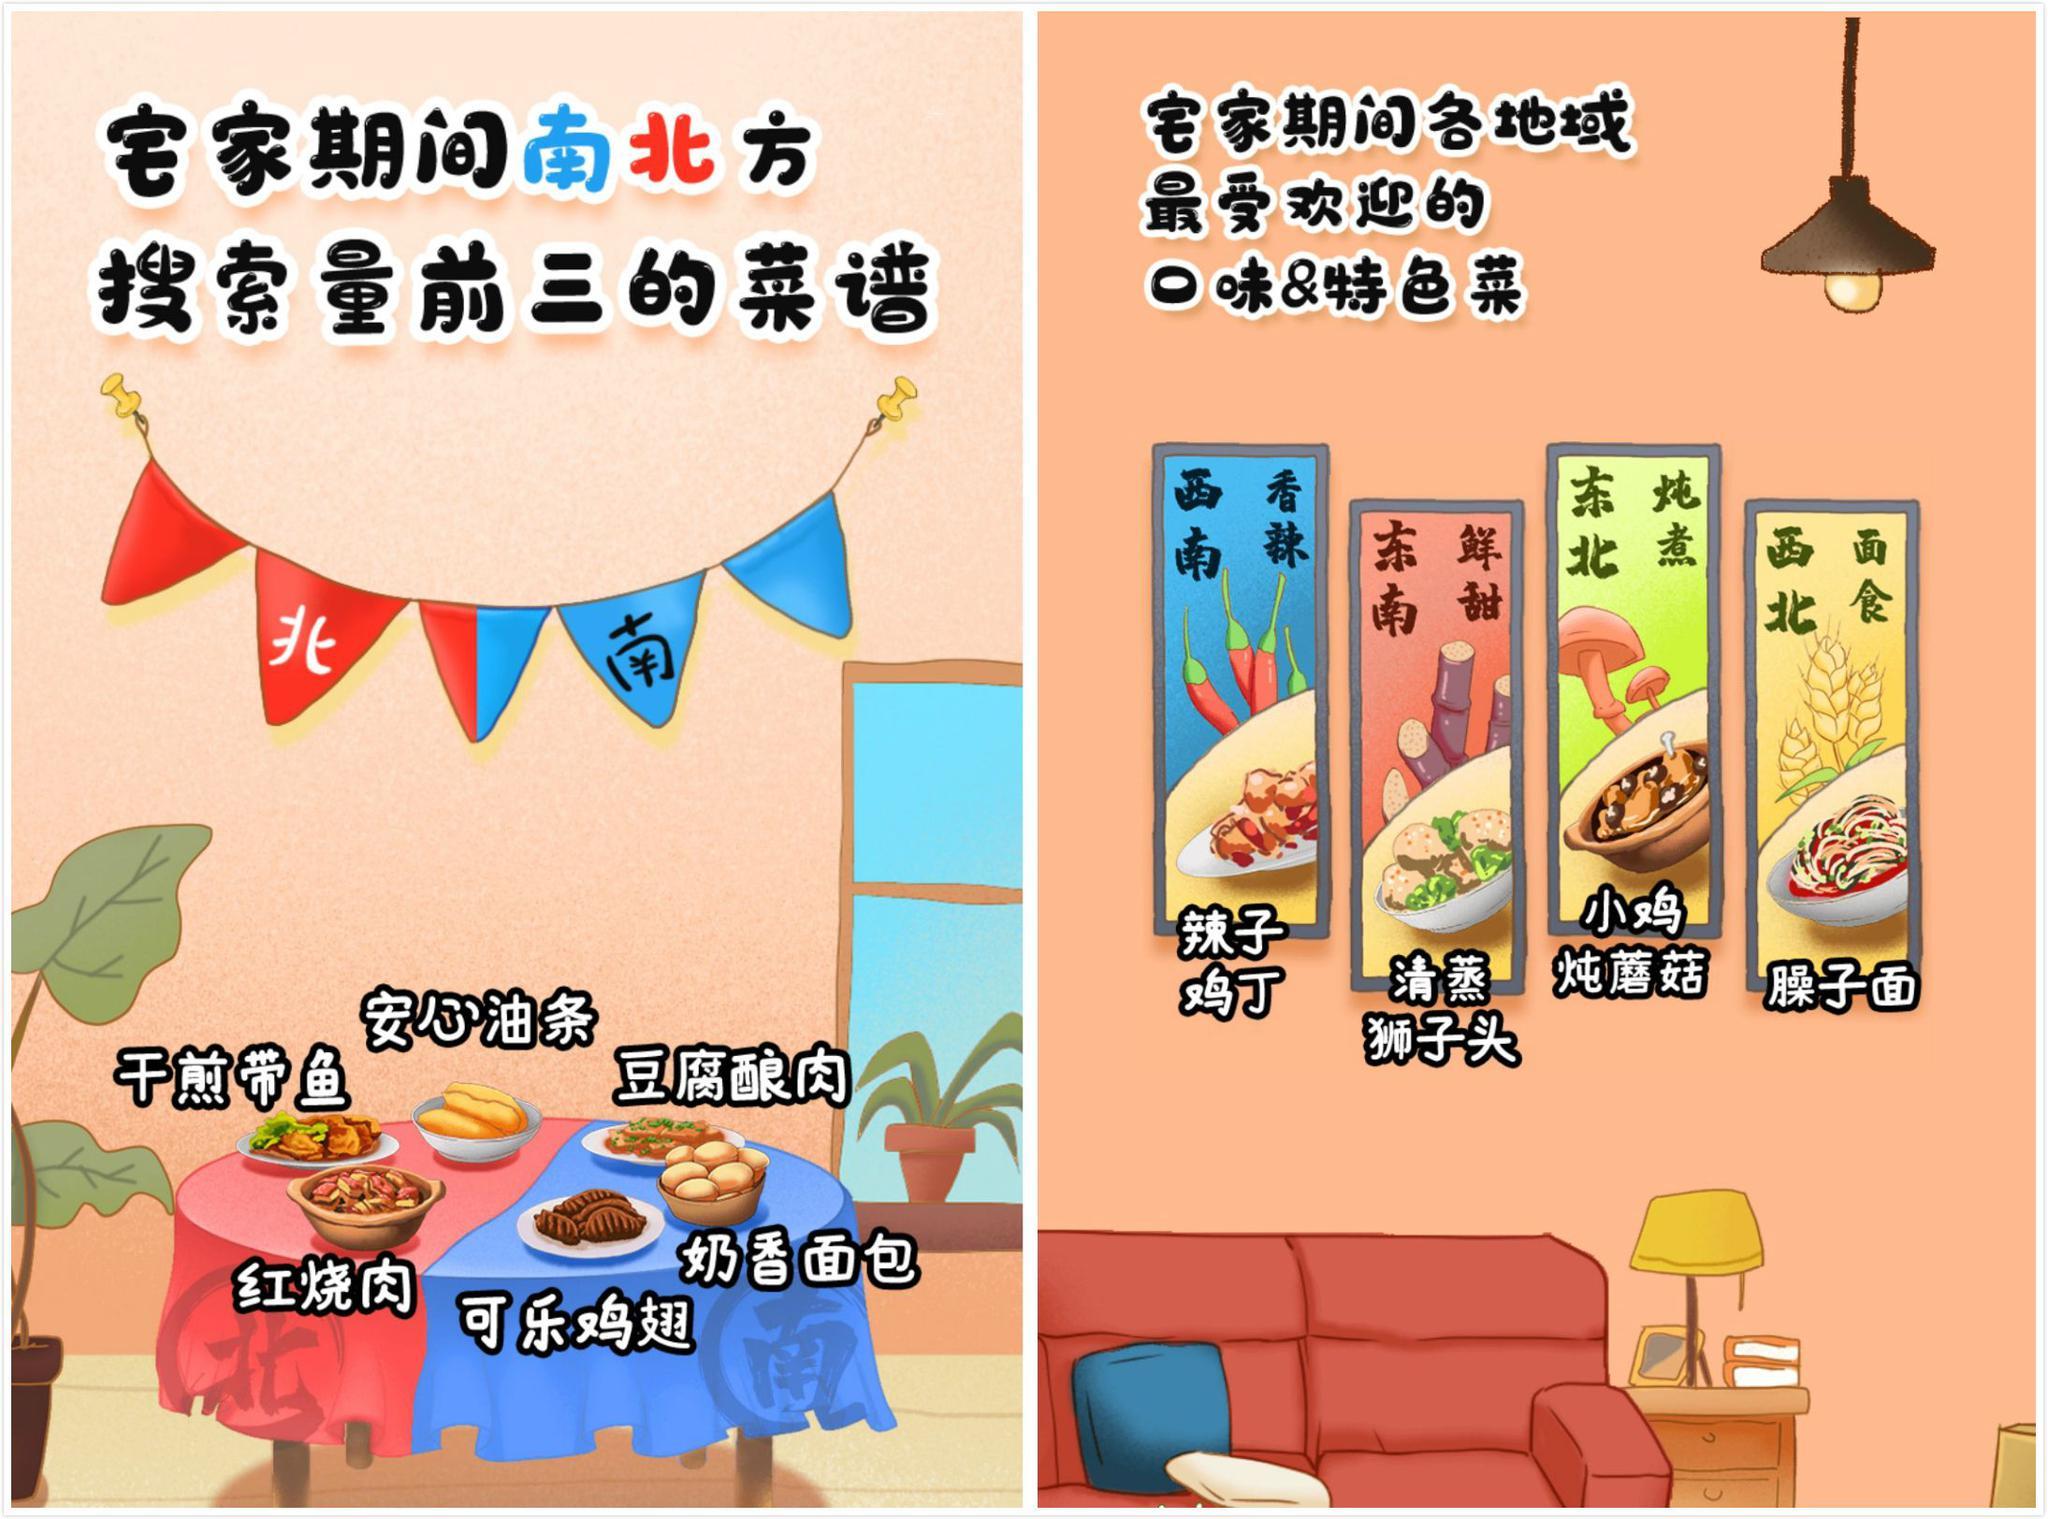 """宅家美食数据报告:豆腐酿肉、油条分别""""称霸""""南北方图片"""